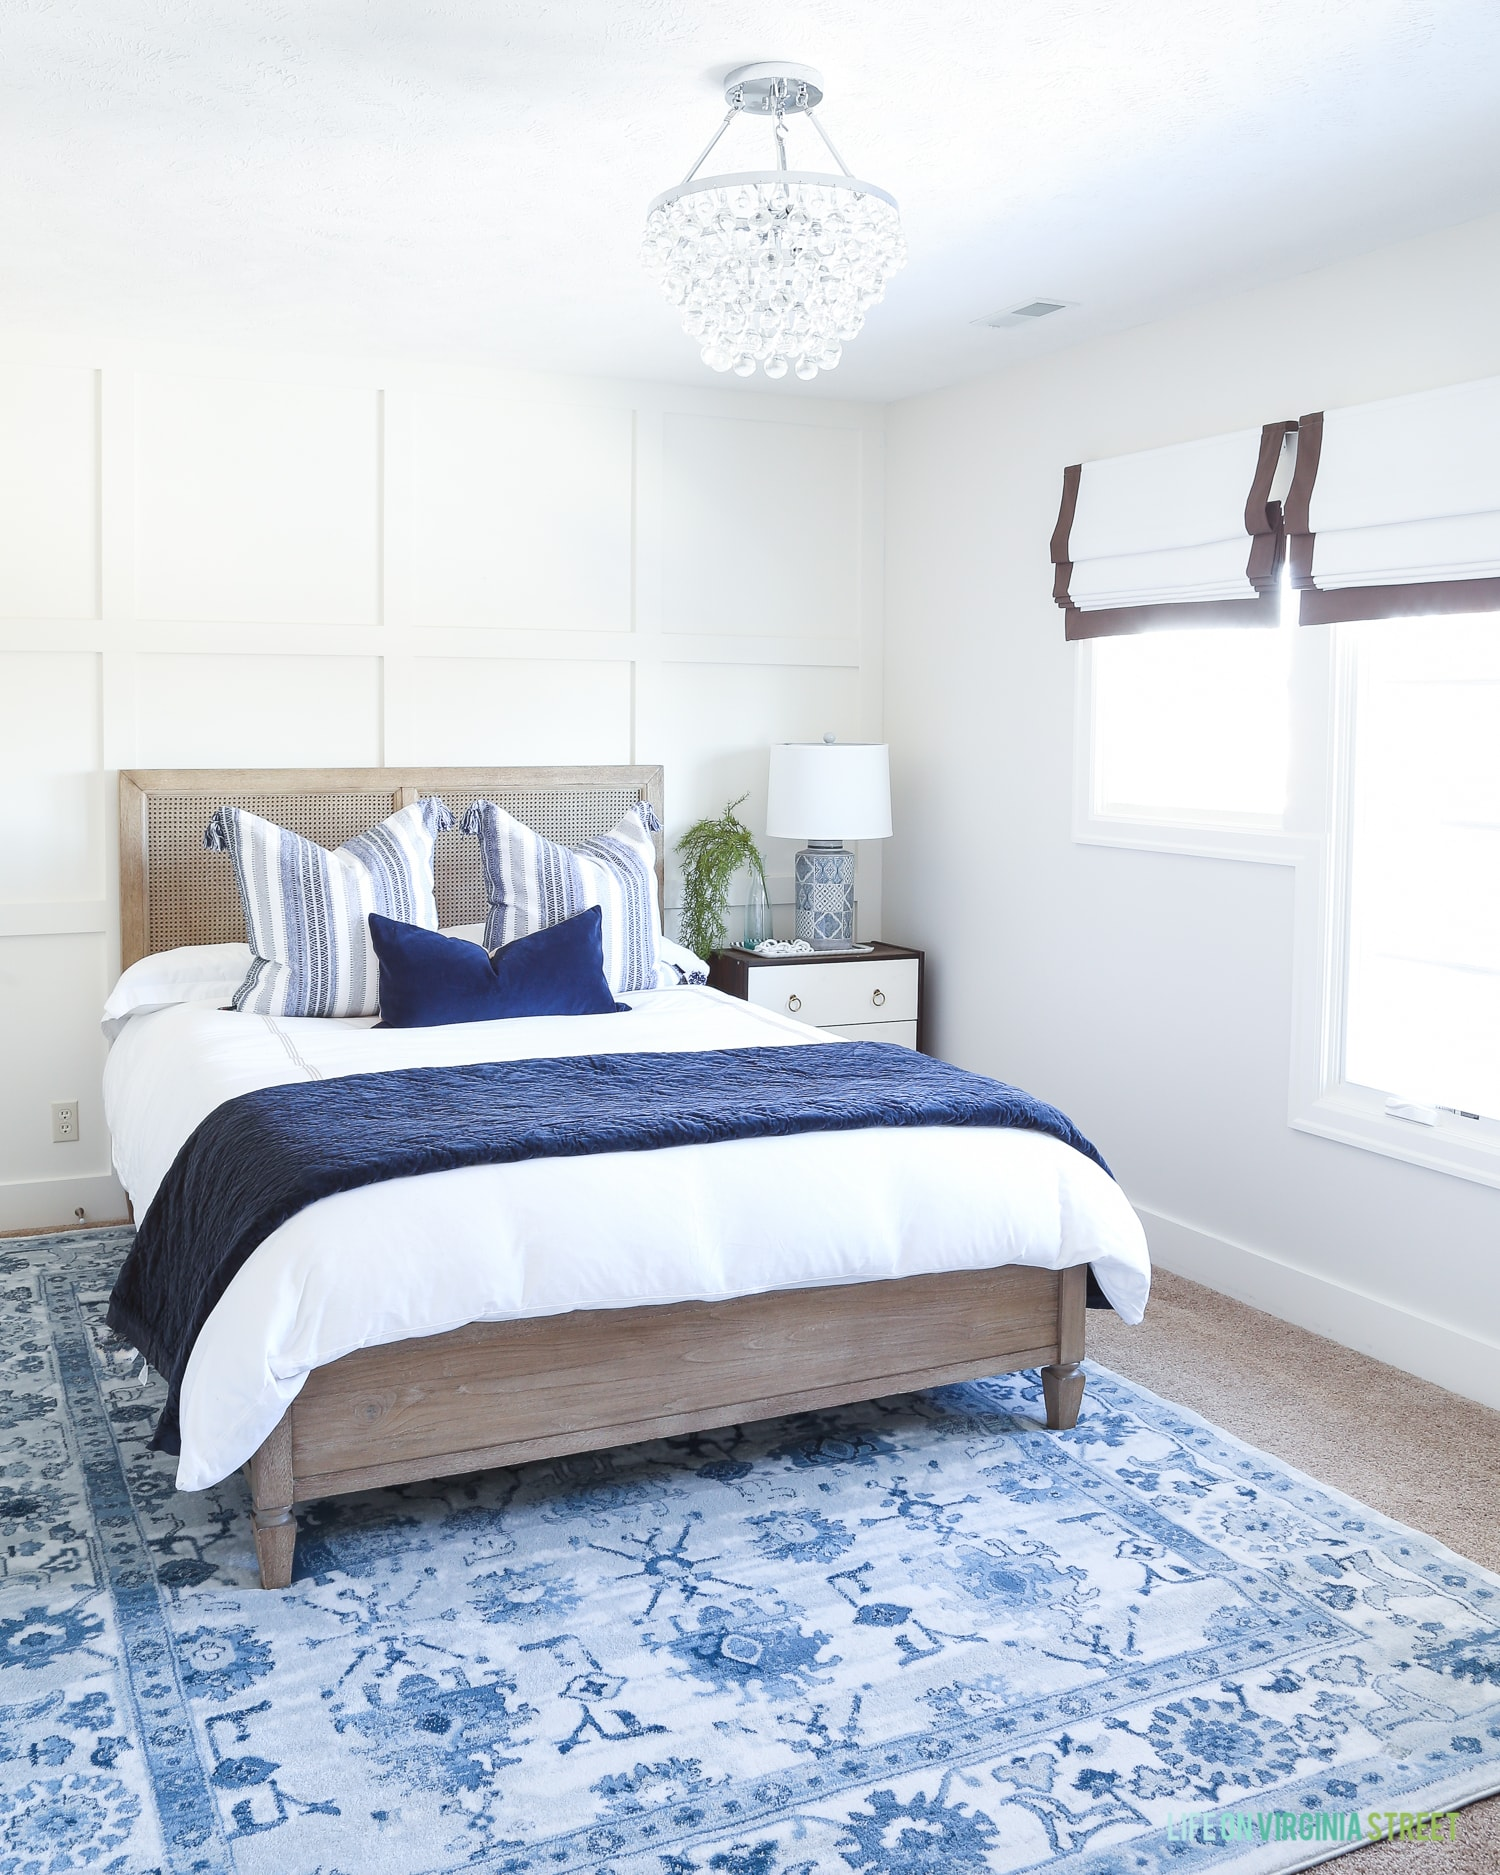 Bedroom Decorating Ideas 2018: Coastal Guest Bedroom Progress